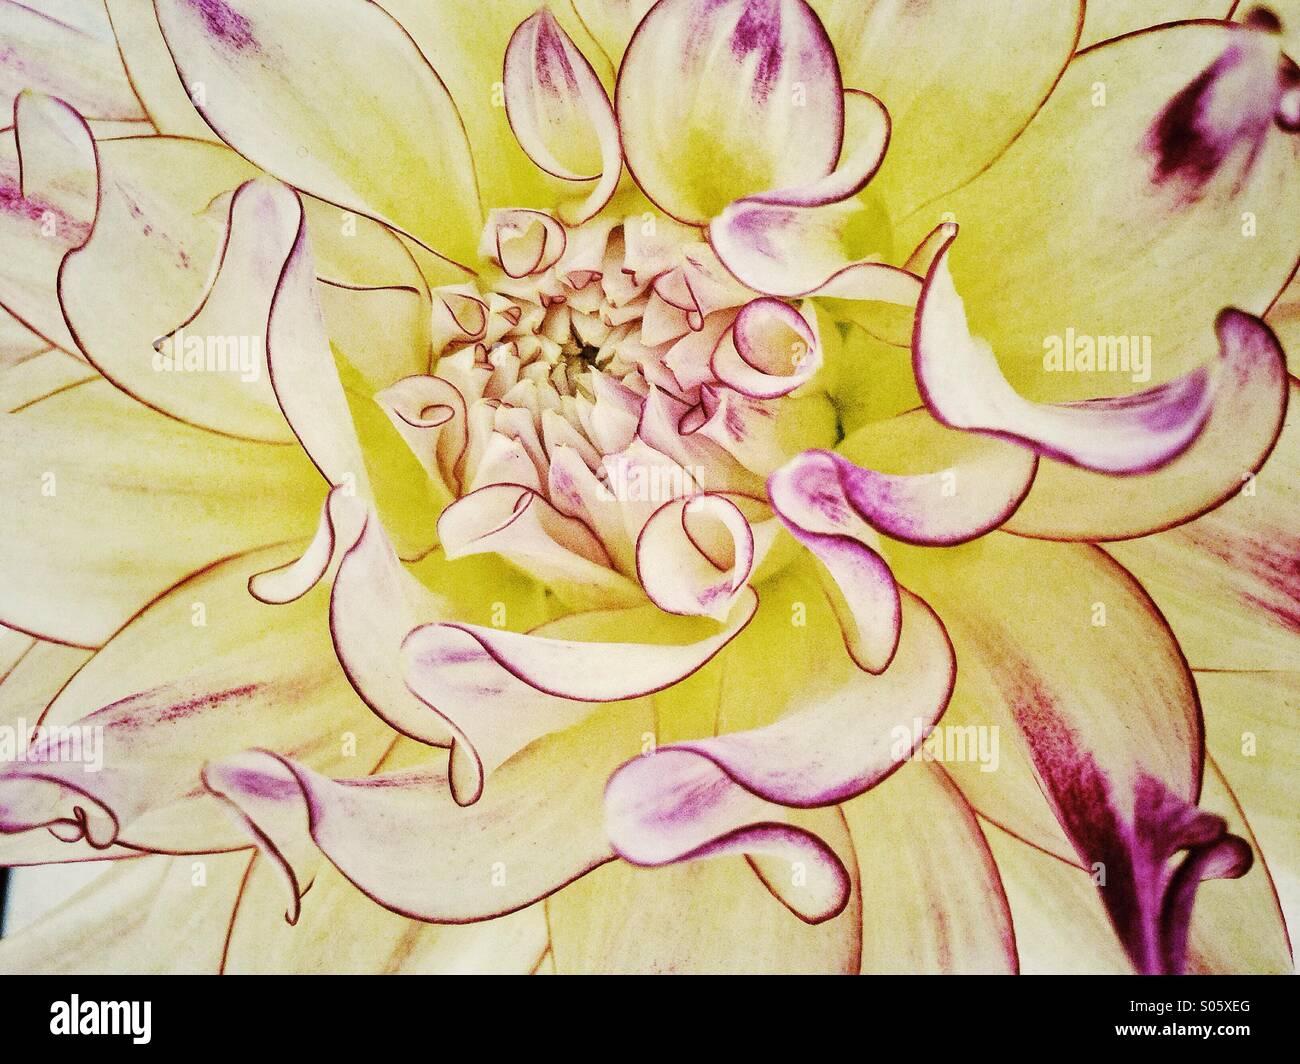 Giallo e rosa fiore. Immagini Stock